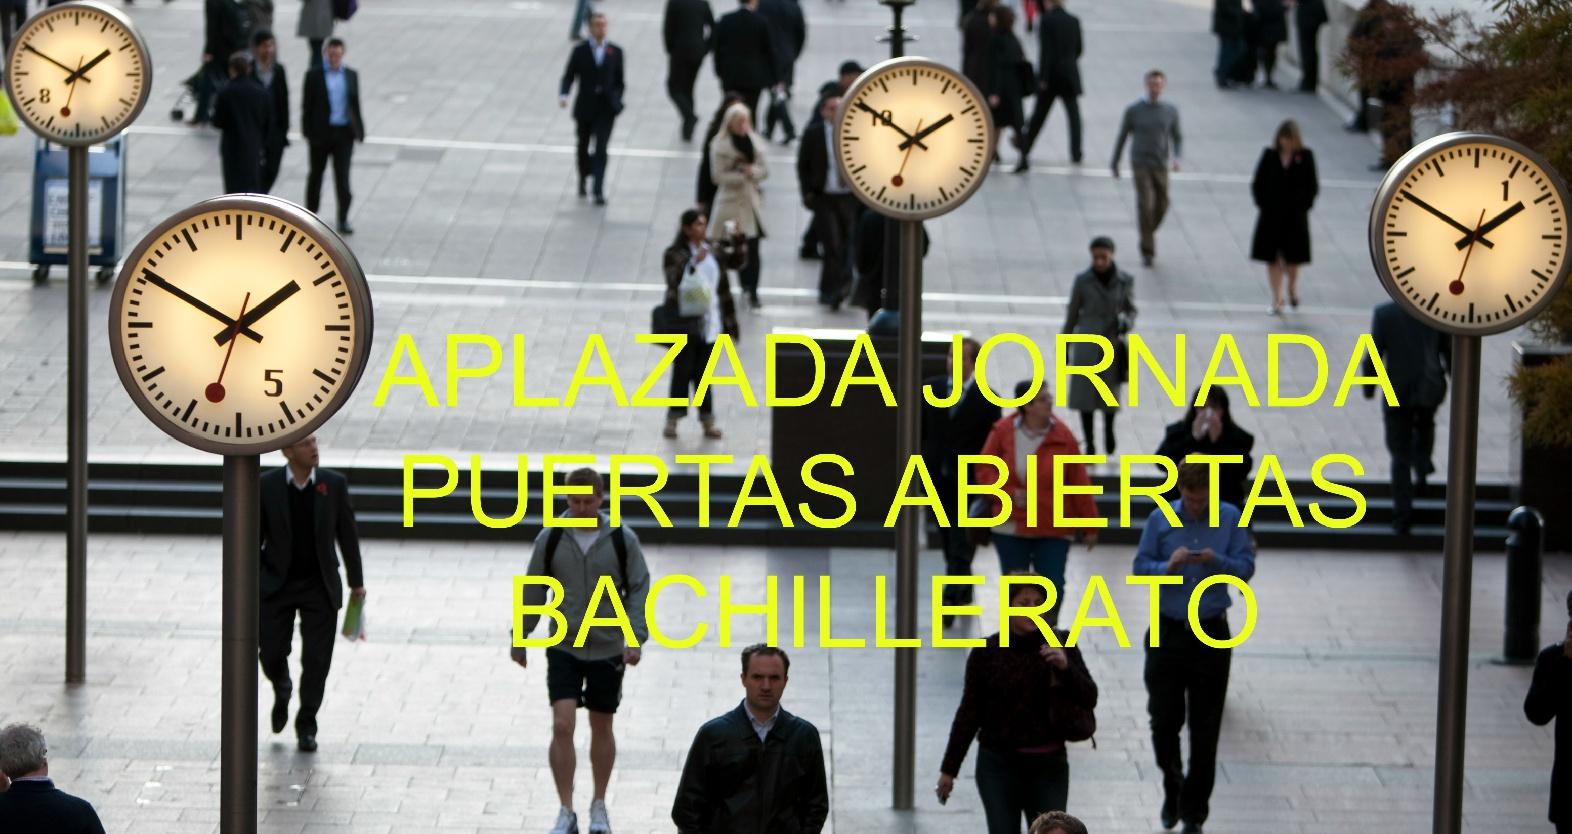 Aplazada Jornada Puertas Abiertas BACHILLERATO